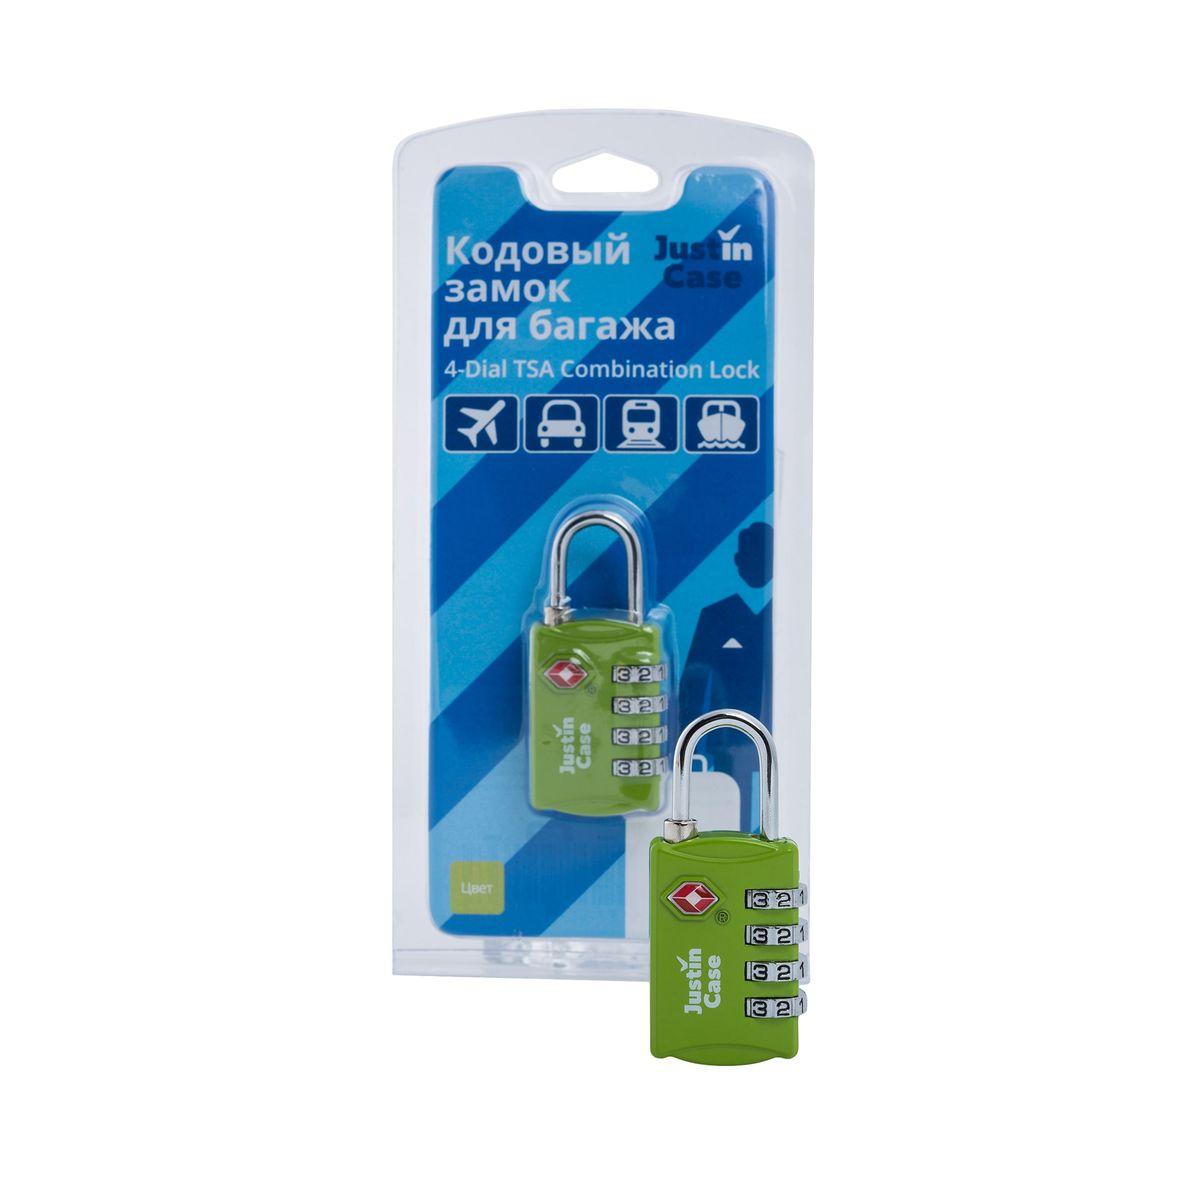 Замок кодовый для багажа JustinCase 4-Dial TSA Combination Lock, цвет: зеленыйA5127GRЕще один вариант защиты багажа - компактный кодовый багажный замок. Кодовый замок JustinCase 4-Dial TSA Combination Lock отличается от обычного тем, что вы можете установить собственную, известную только вам комбинацию цифр, без которой кодовый замок для багажа просто не откроется. Замок этот очень прочен - изготовлен из цинкового сплава. Если в вашем багаже есть хоть одна ценная вещь, такой замок позволит вам спокойно сдавать чемоданы и сумки багажным службам.